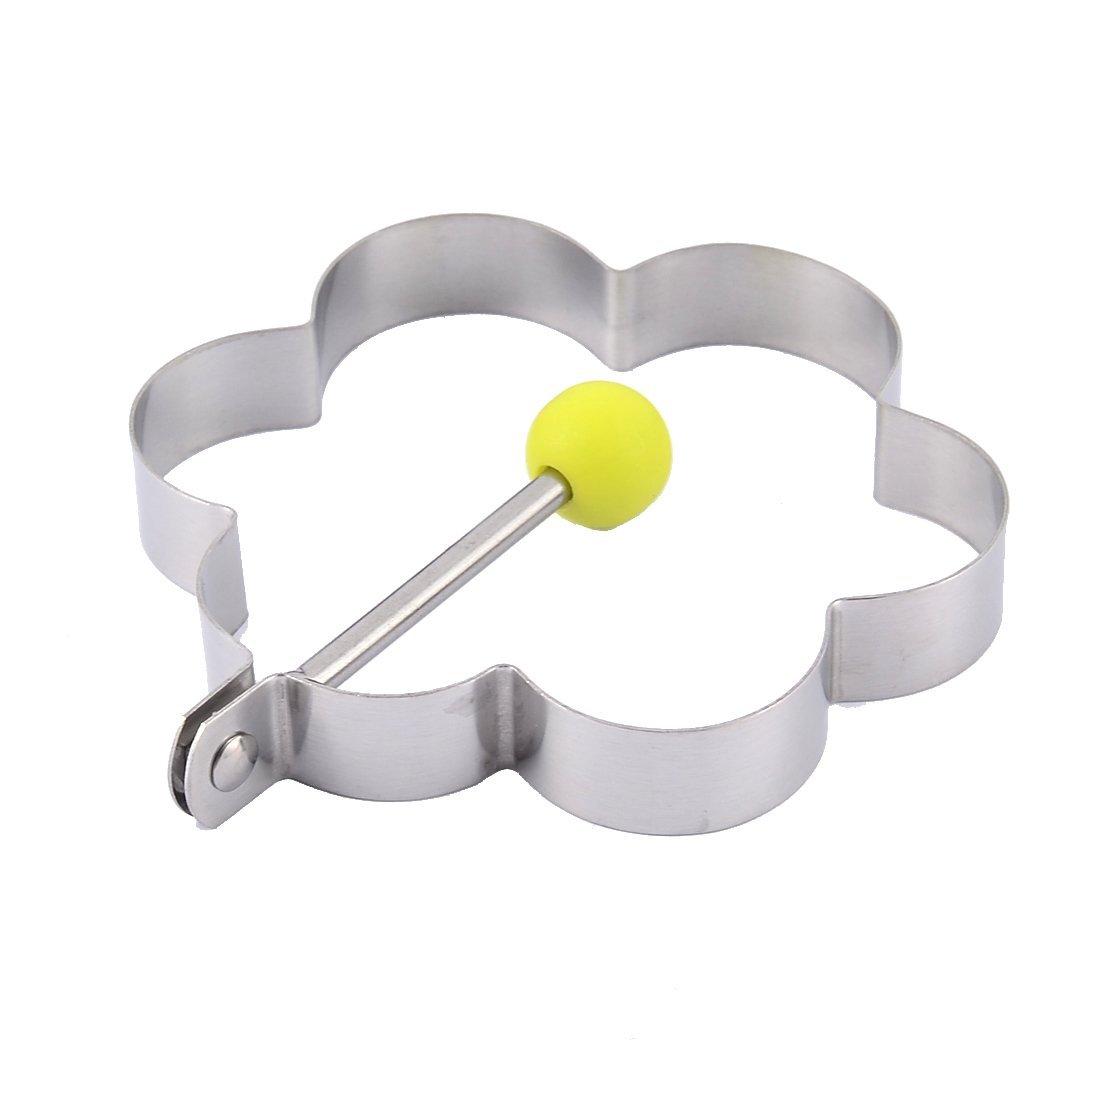 Amazon.com: Forma eDealMax cocina para hornear la flor del anillo del molde de la magdalena de la galleta del huevo que fríe: Kitchen & Dining